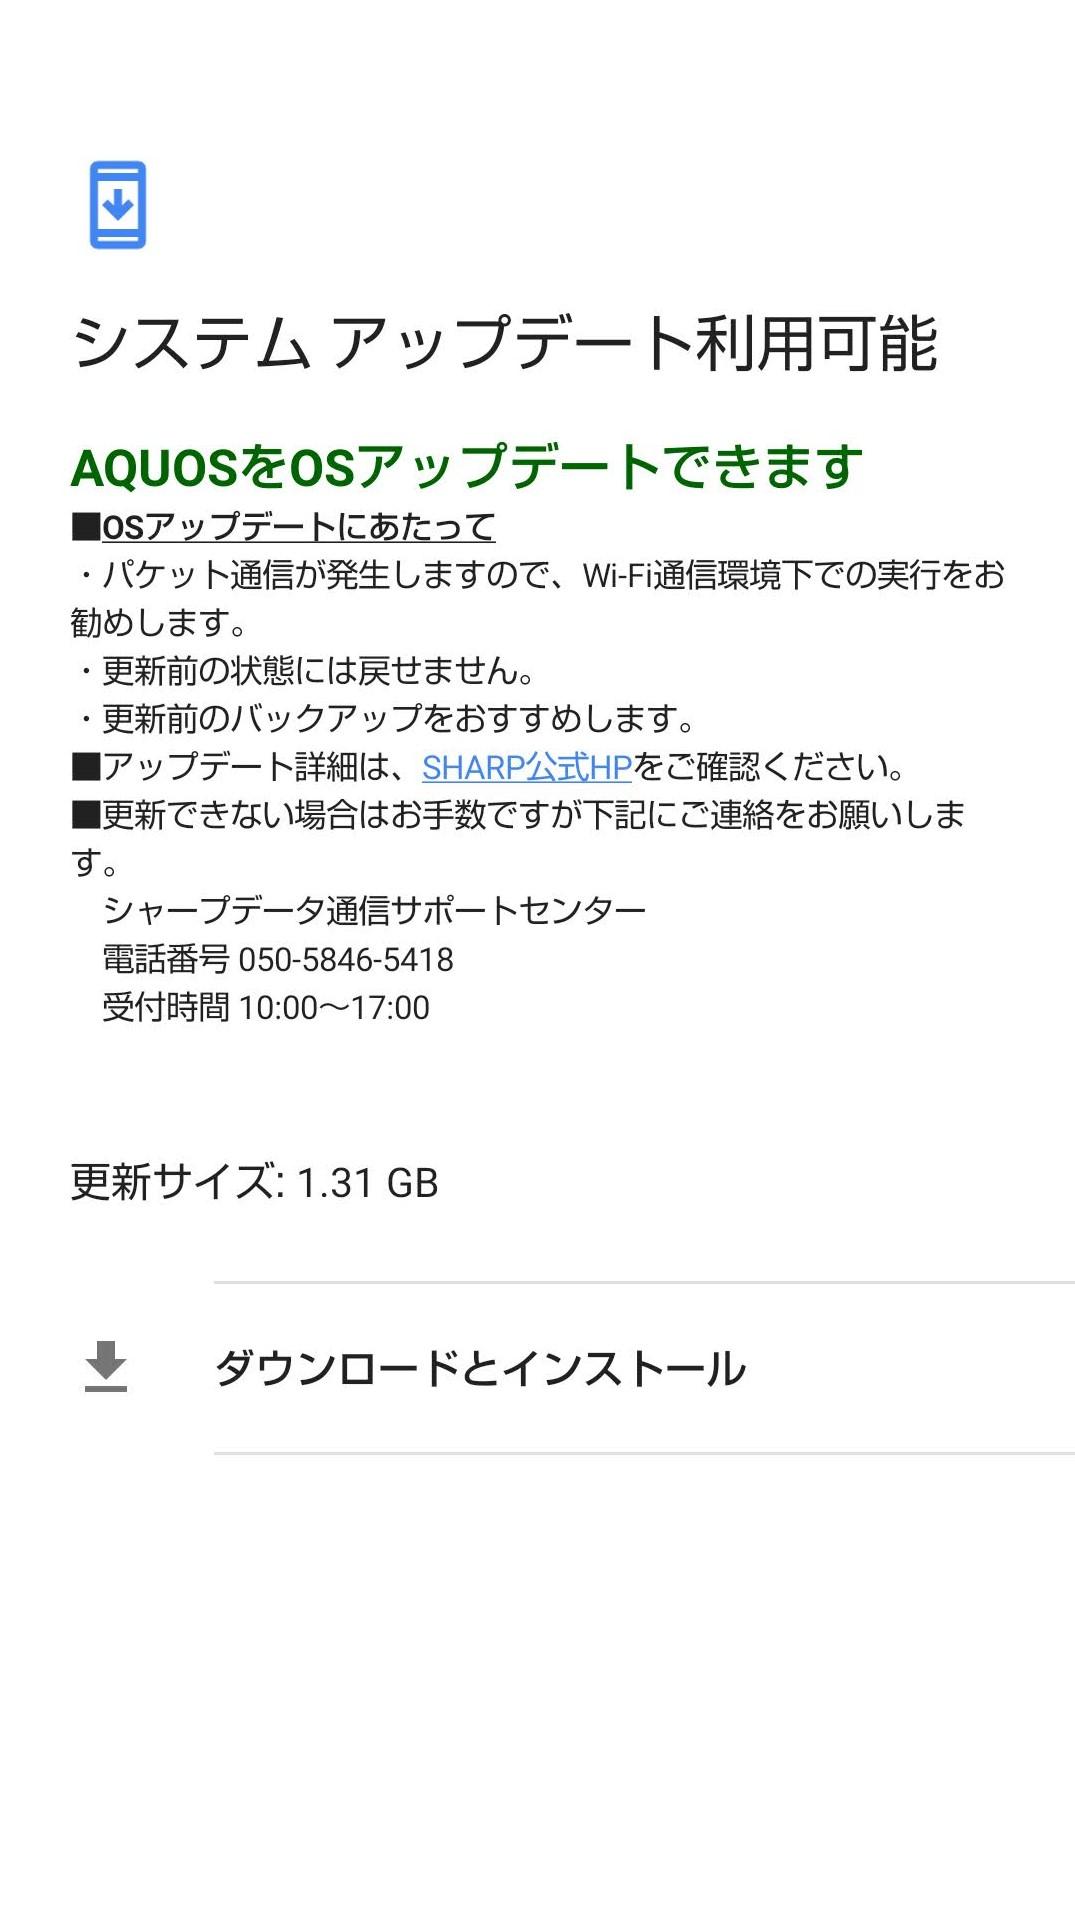 シムフリーAQUOSシリーズAndroid10アップデート通知